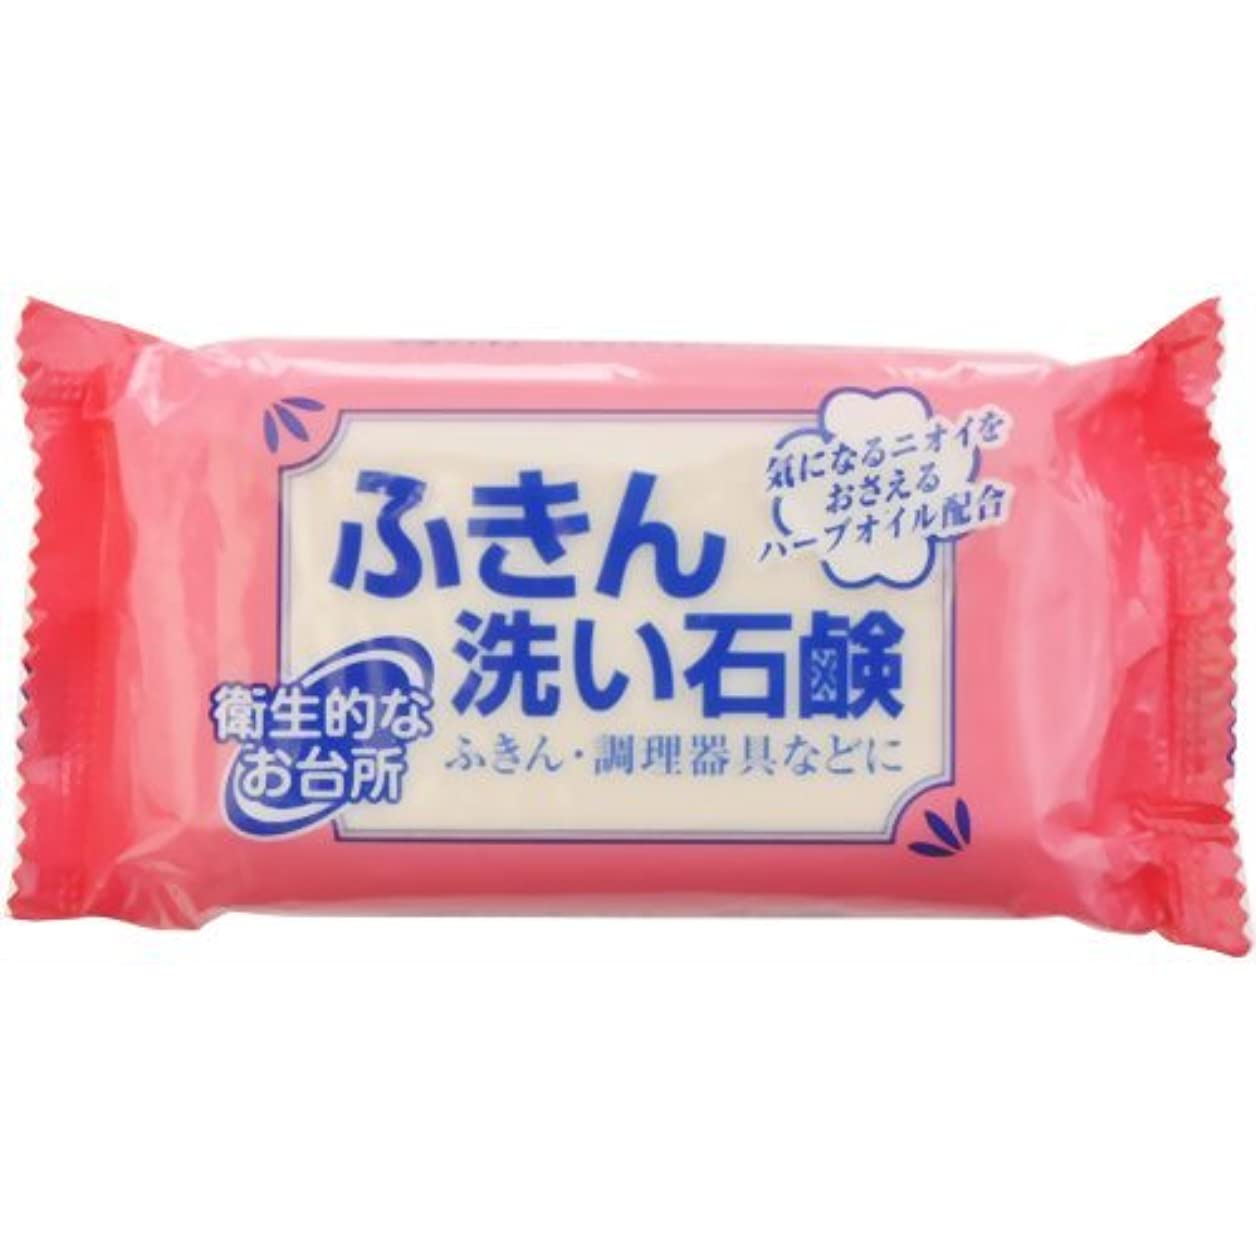 傀儡ばか簿記係ふきん洗い石鹸 135g